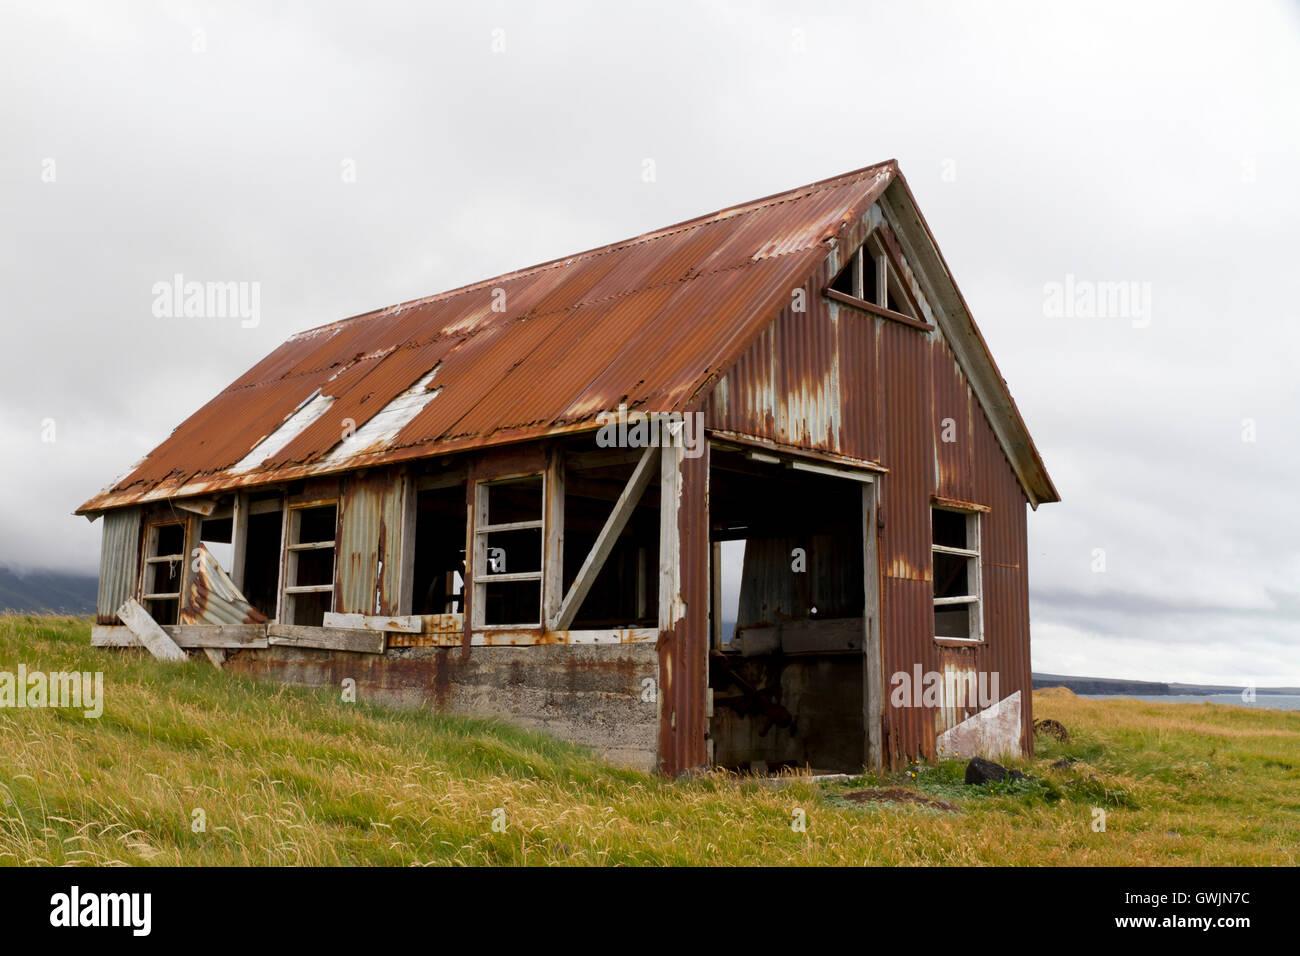 Scorrere verso il basso il vecchio capannone rivestita di rusty ferro corrugato, situato sulla costa Foto Stock